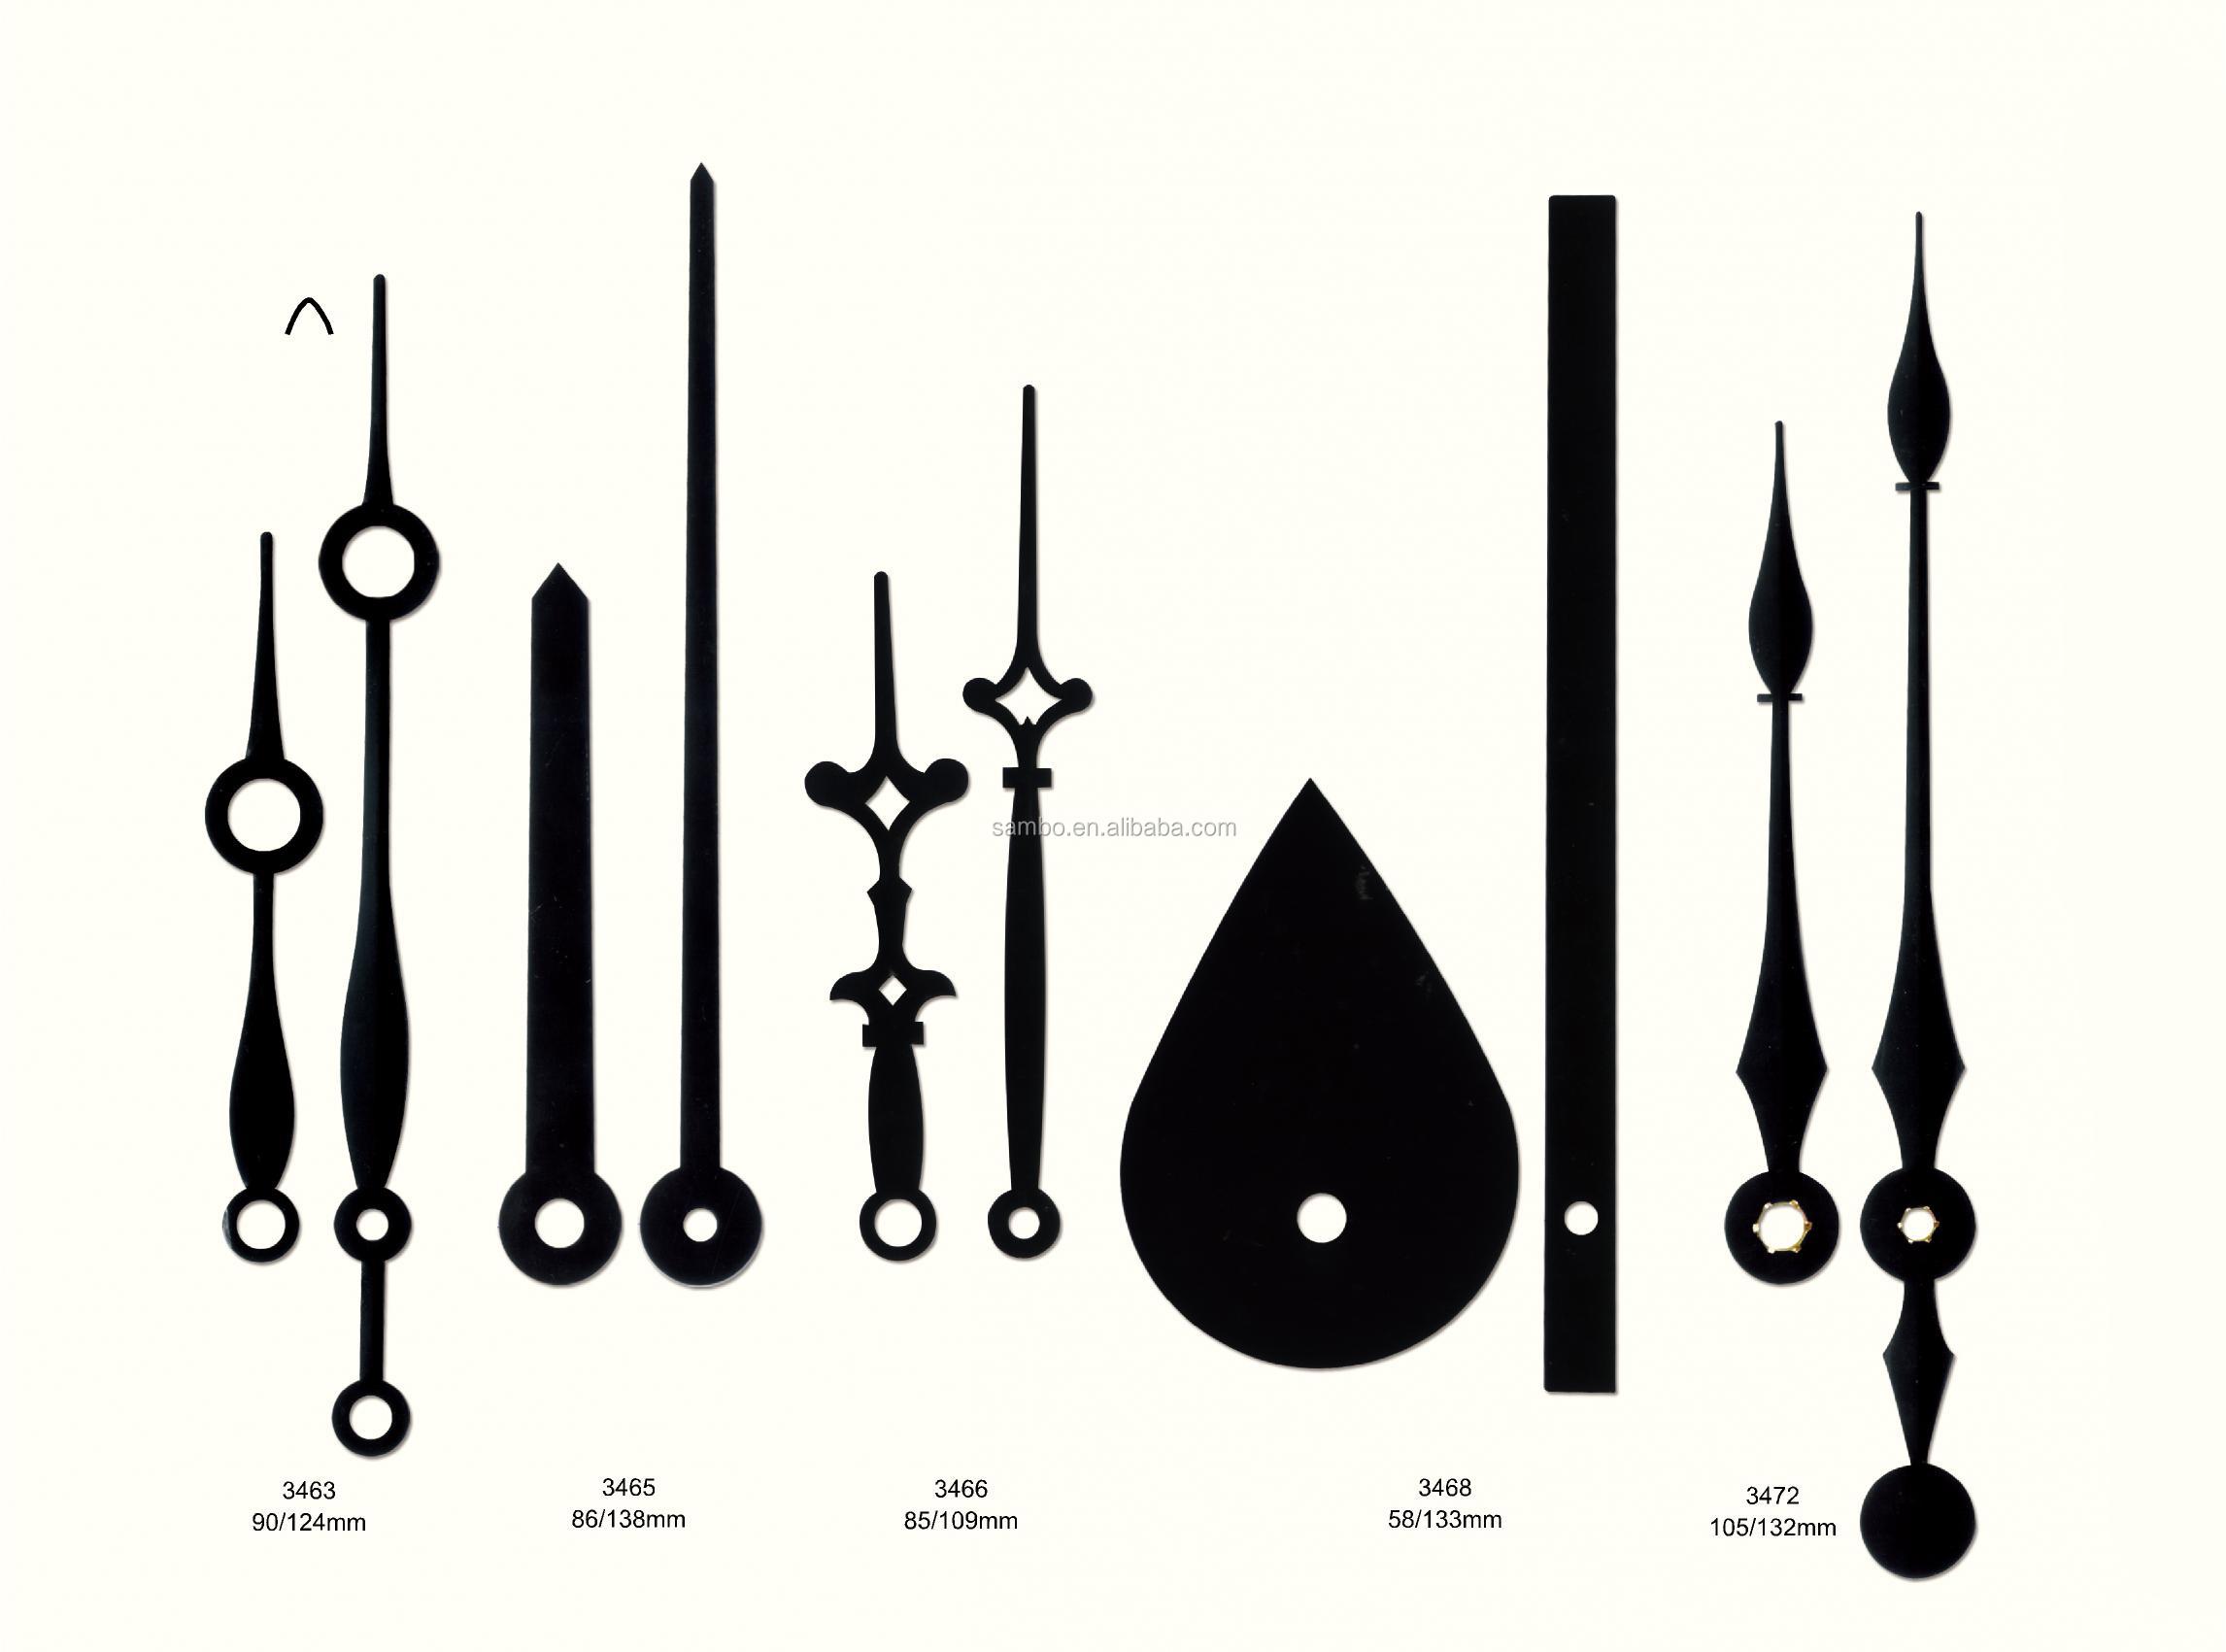 садовых картинка стрелки для часов для вырезания того, что без